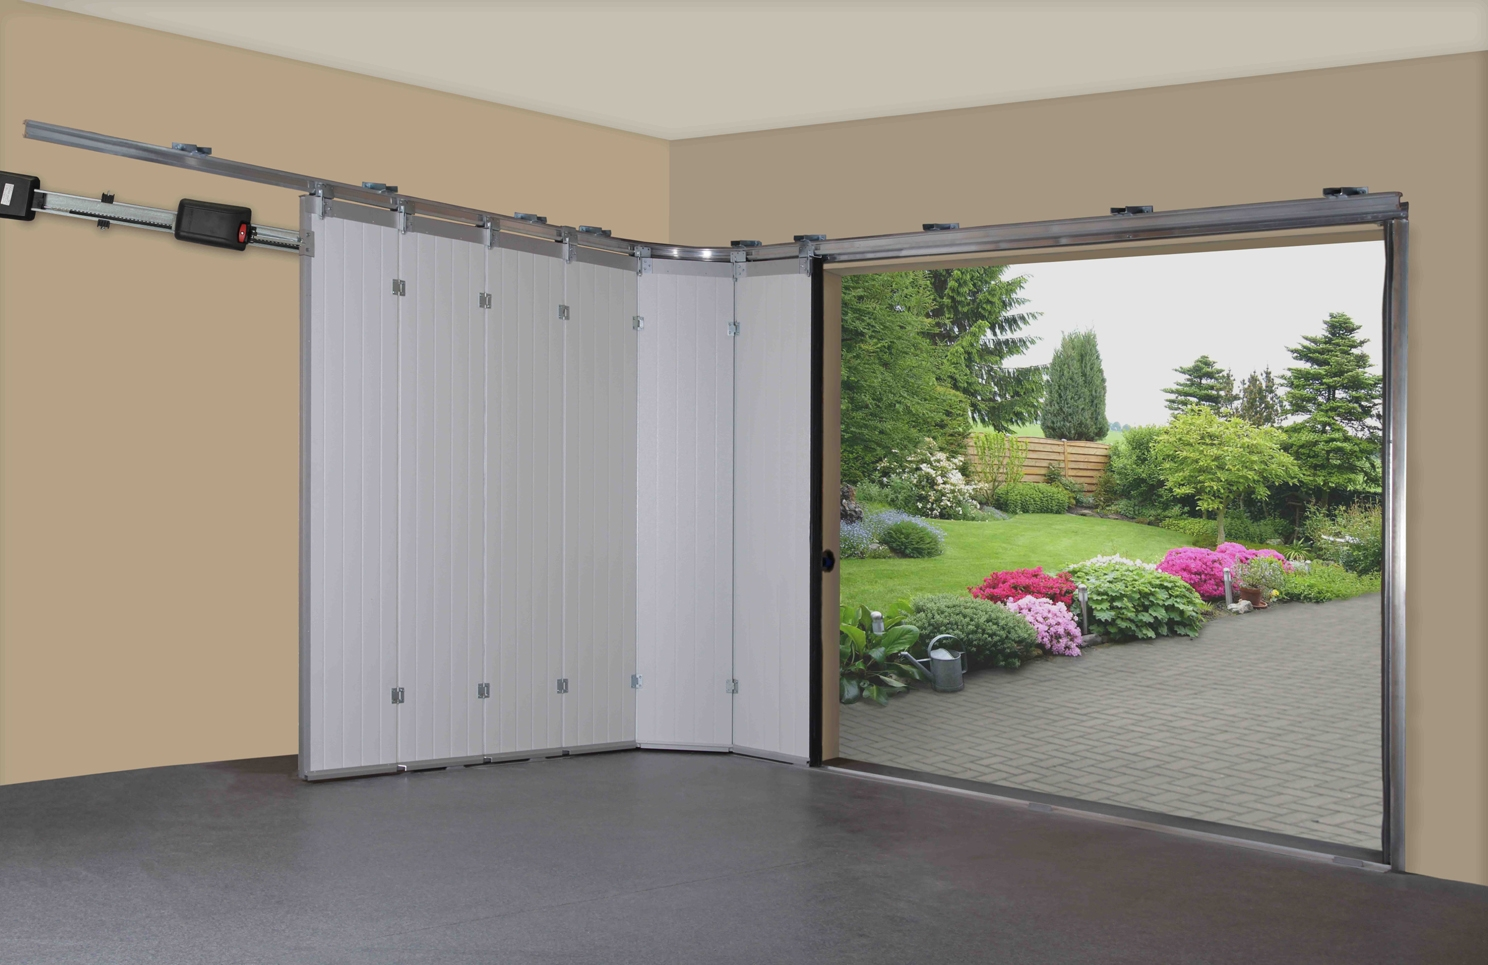 Horizontal Sliding Garage Door Hardwaregarage doors horizontaliding garage door hardware doors in usa